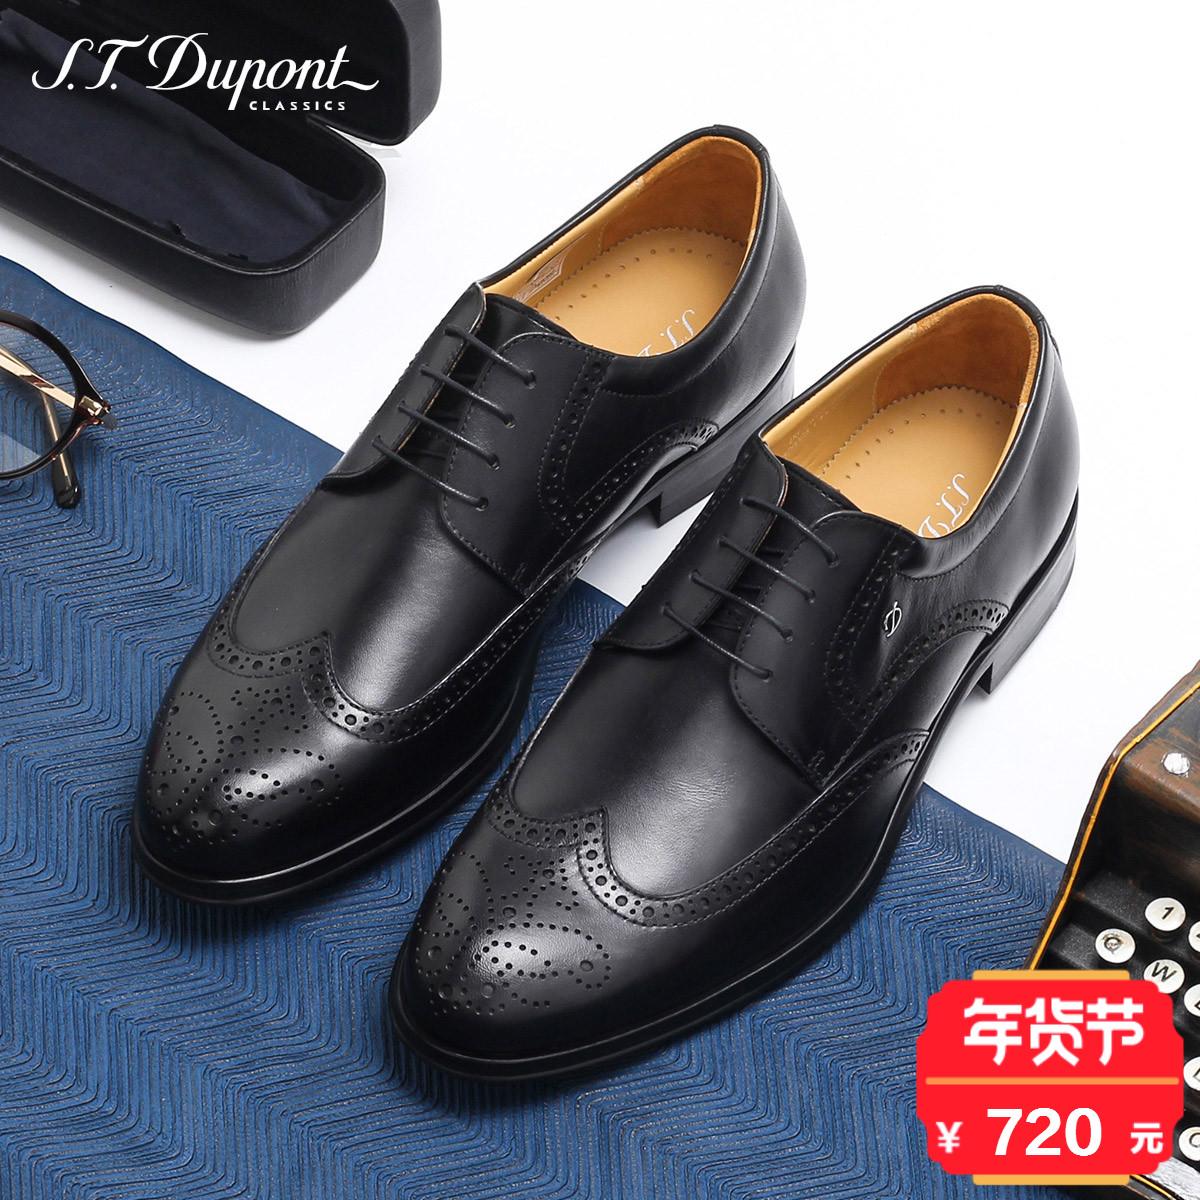 S.T. Dupont/都彭 布洛克雕花男鞋舒适休闲商务正装皮鞋G15120008